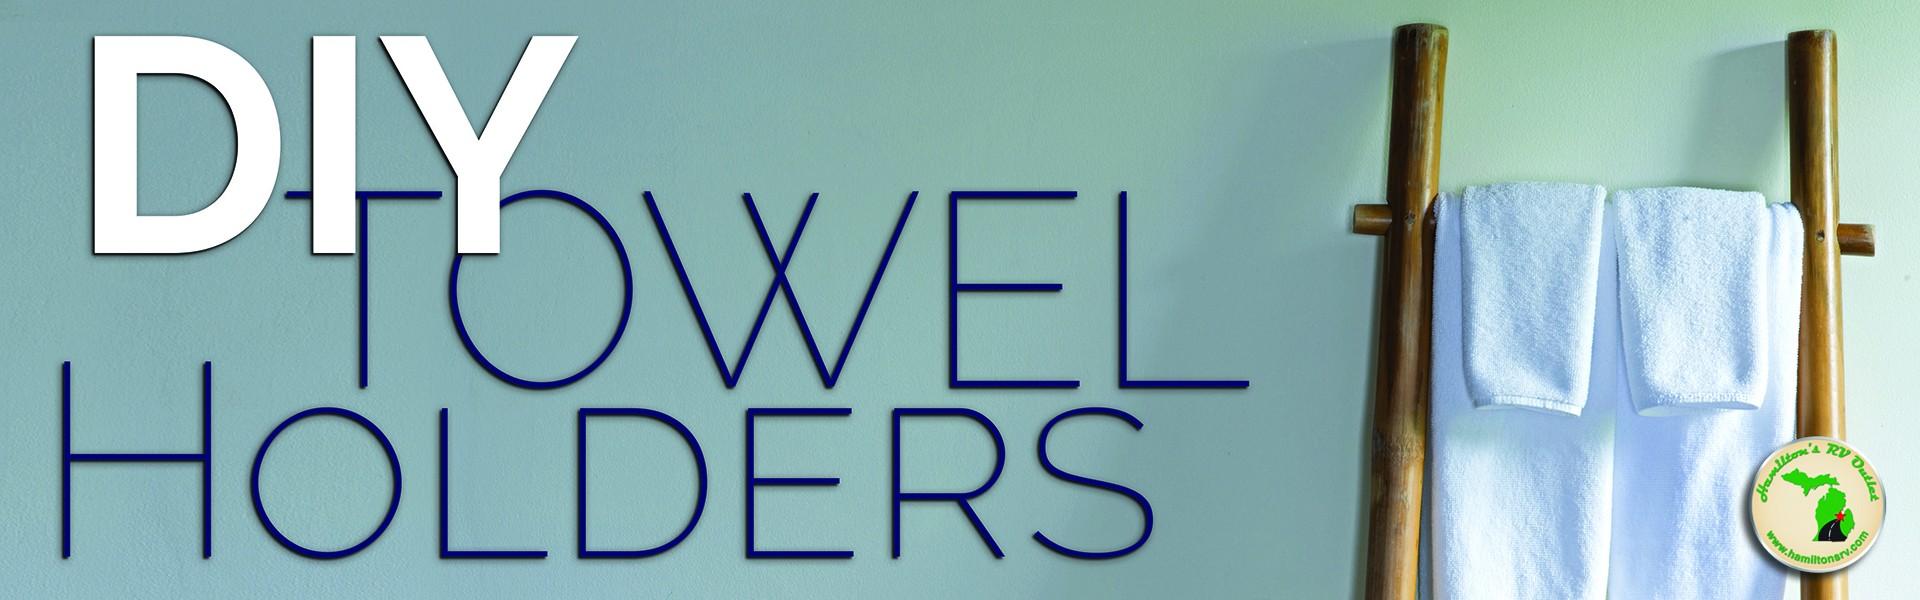 DIY Towel Holders Banner